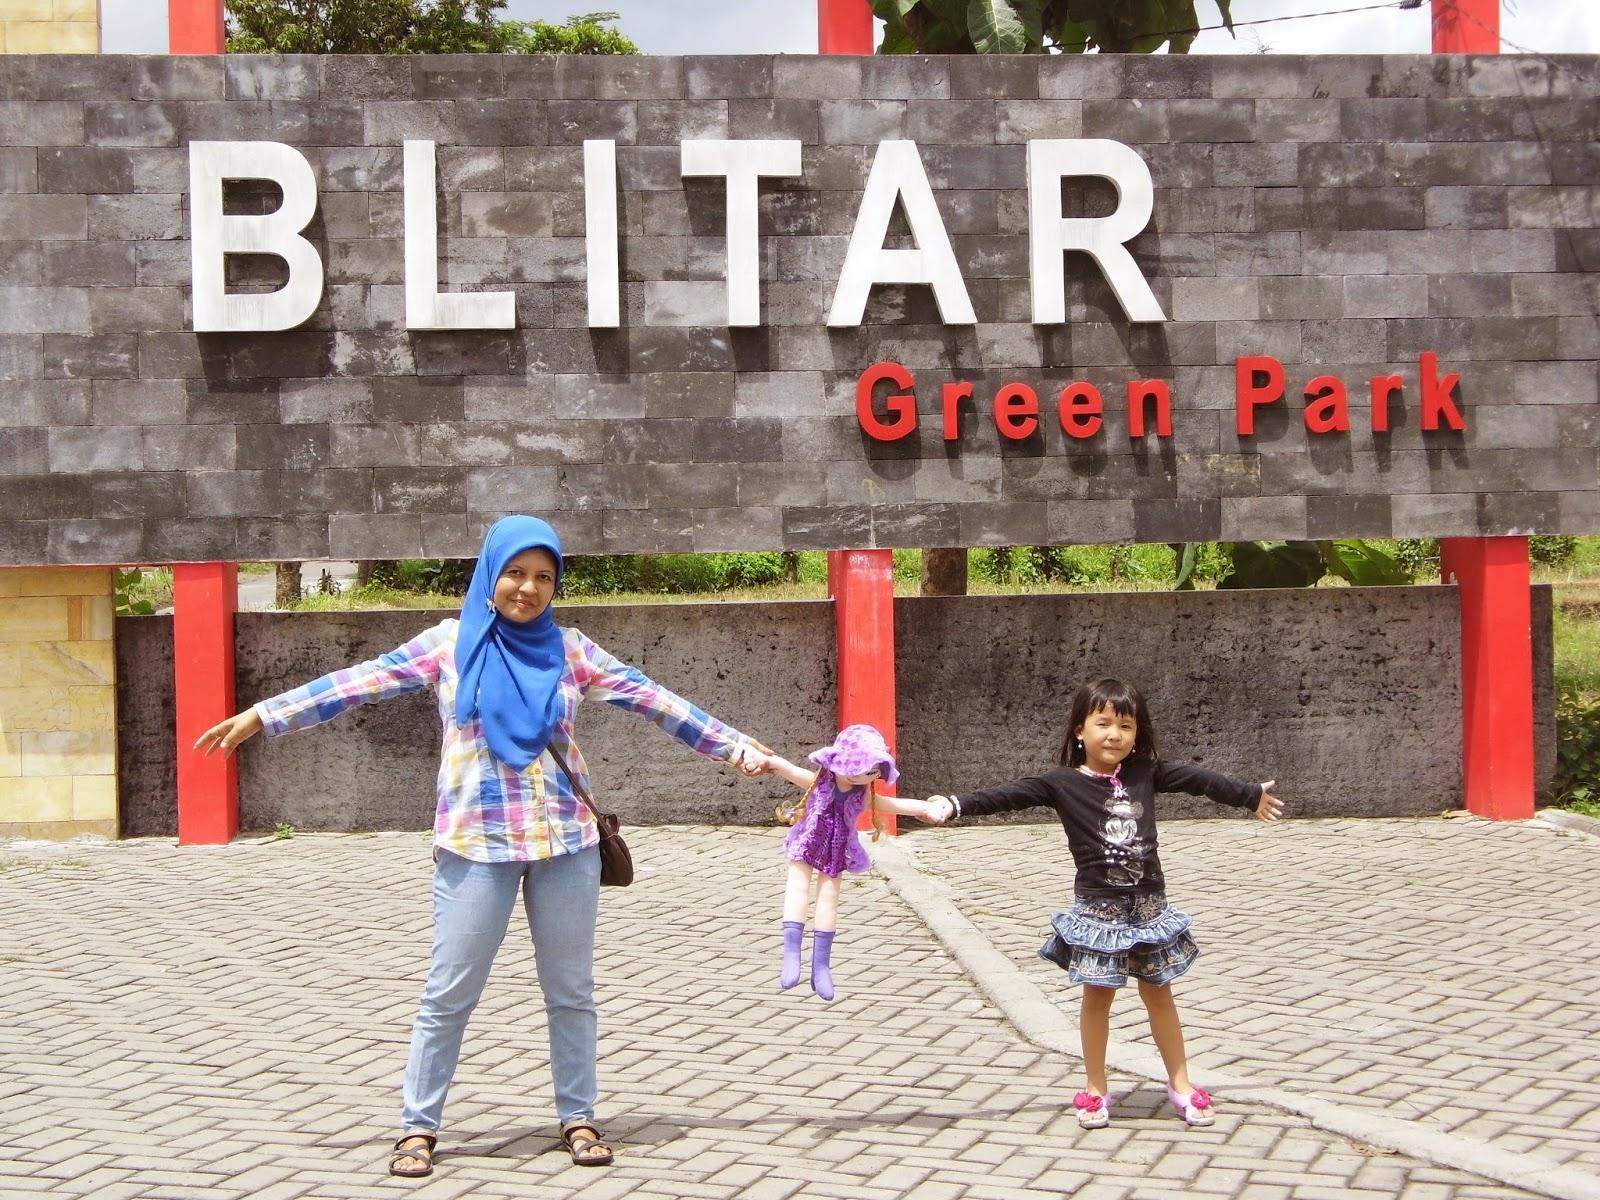 Zulvia Rumaida Blitar Green Park Taman Mungil Melepas Lelah Putri